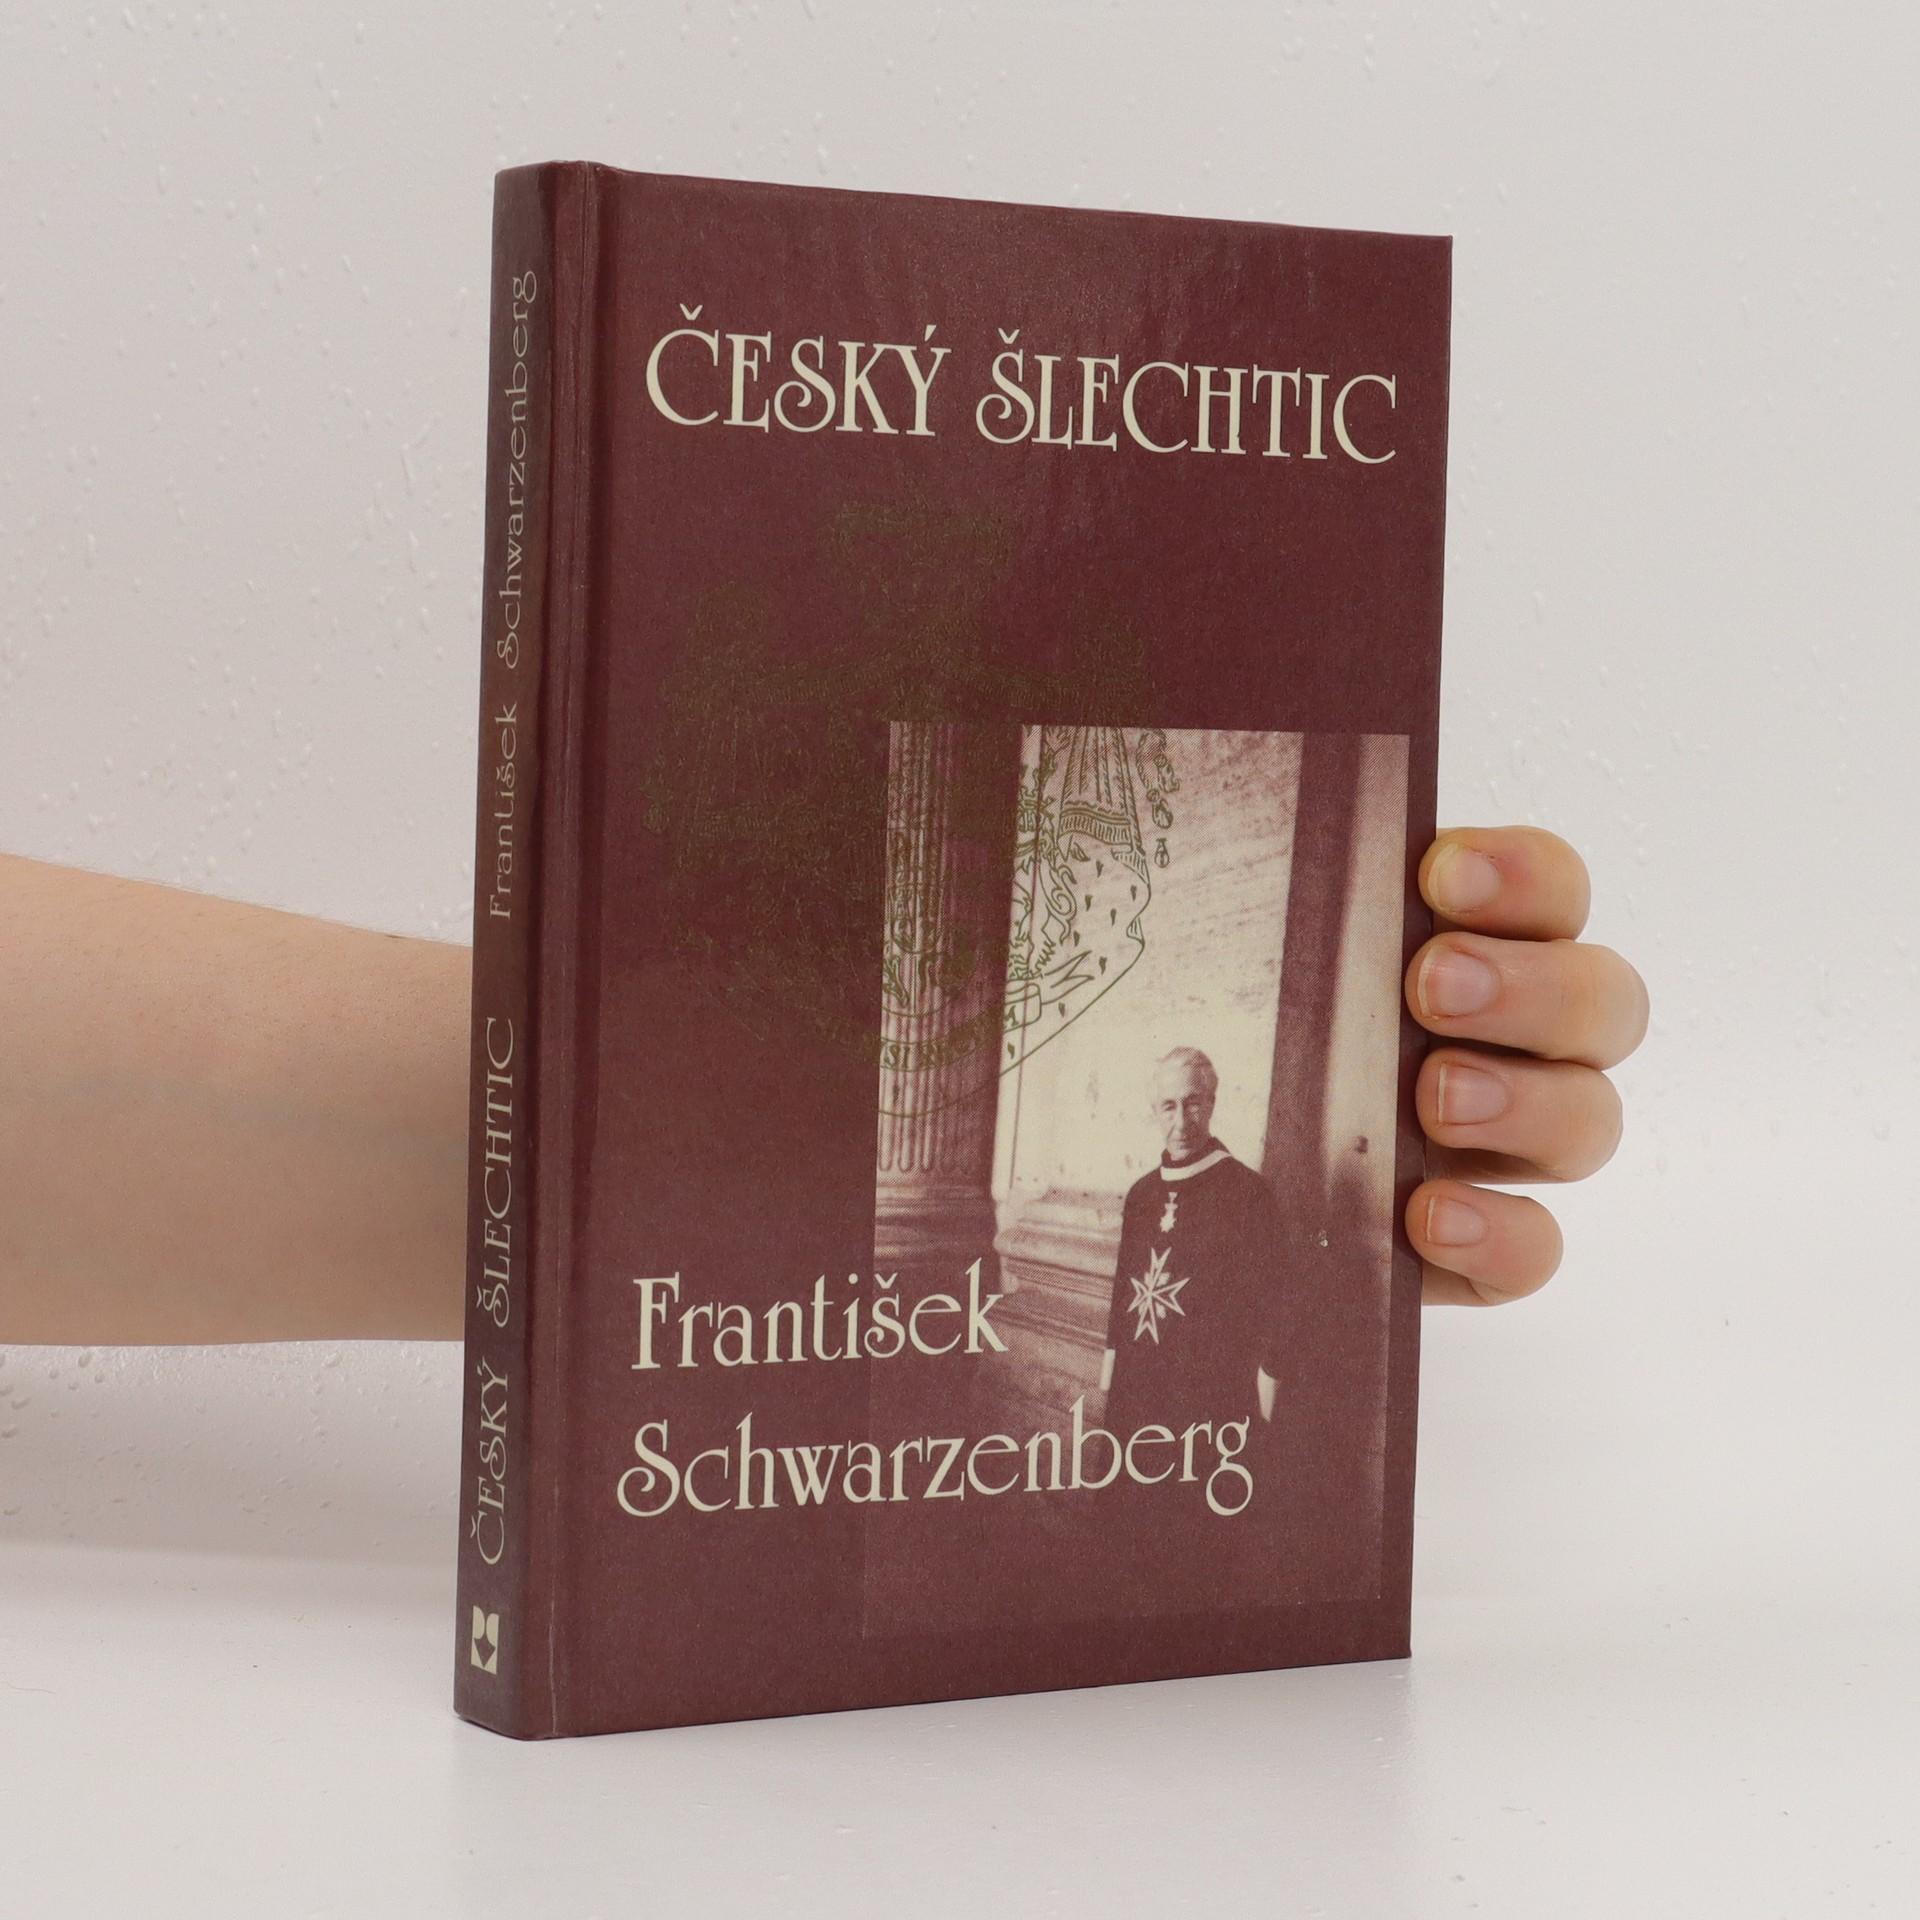 antikvární kniha Český šlechtic František Schwarzenberg, neuveden